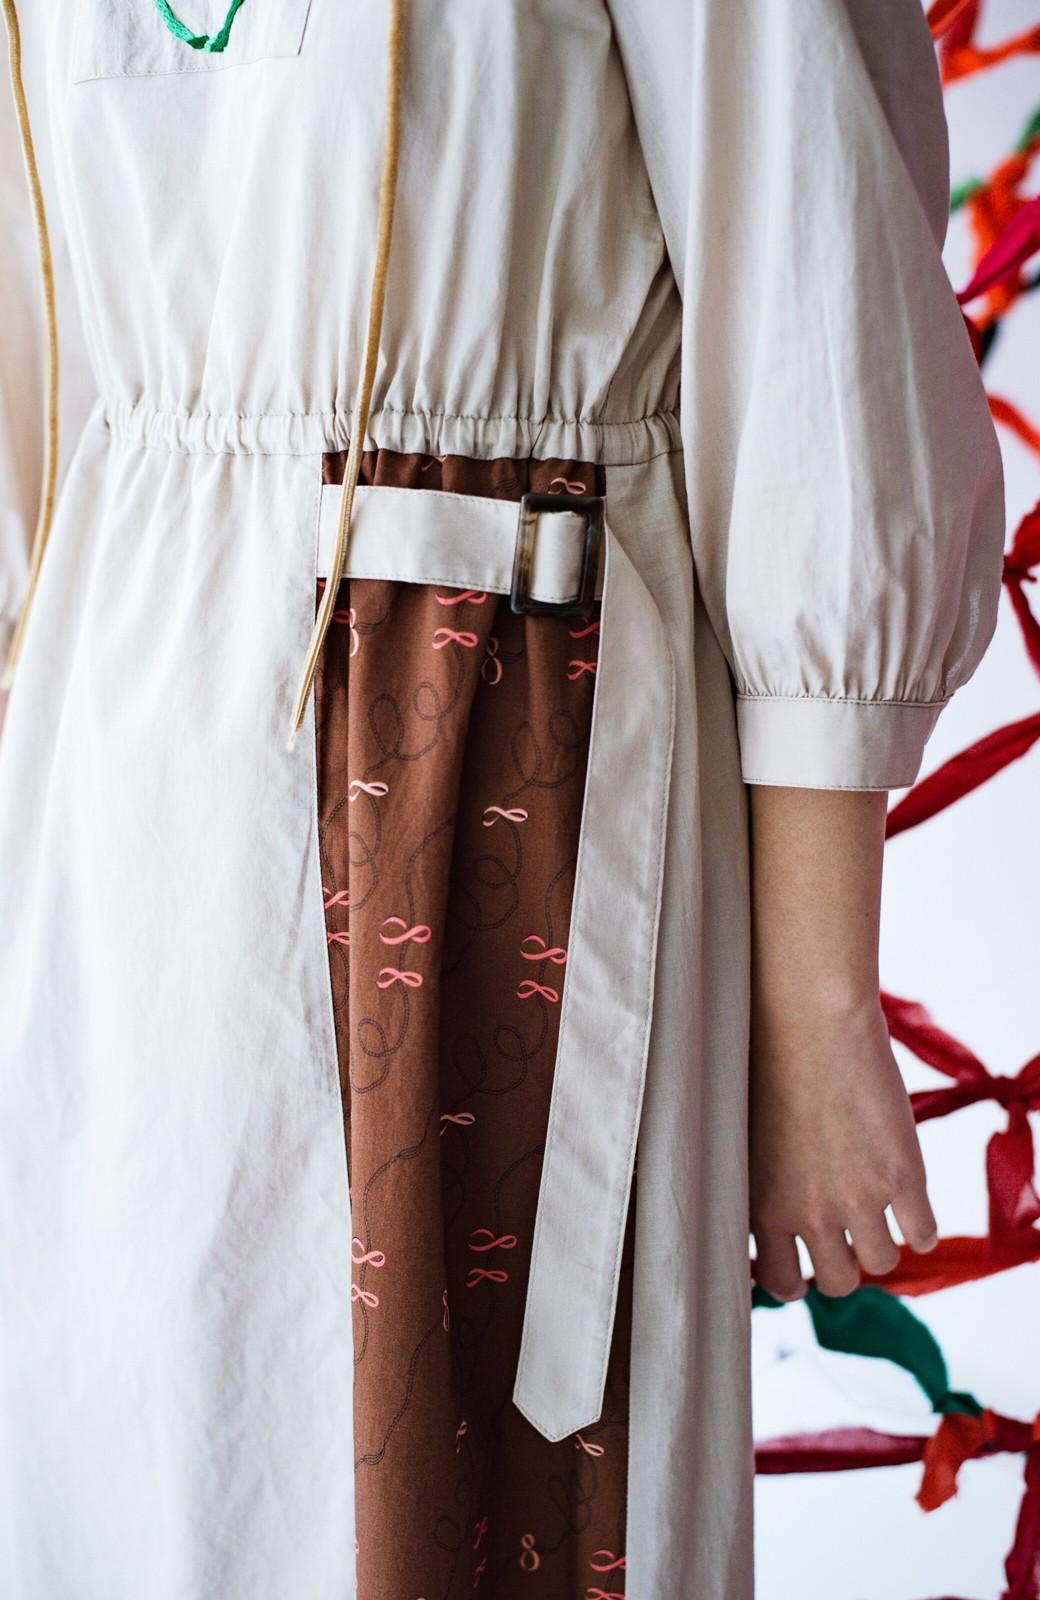 haco! 絡み合う薔薇の刺繍とチラリとのぞくオリジナルプリントが色っぽい オーガニックコットンのワンピース from Stitch by Stitch <ライトベージュ>の商品写真7